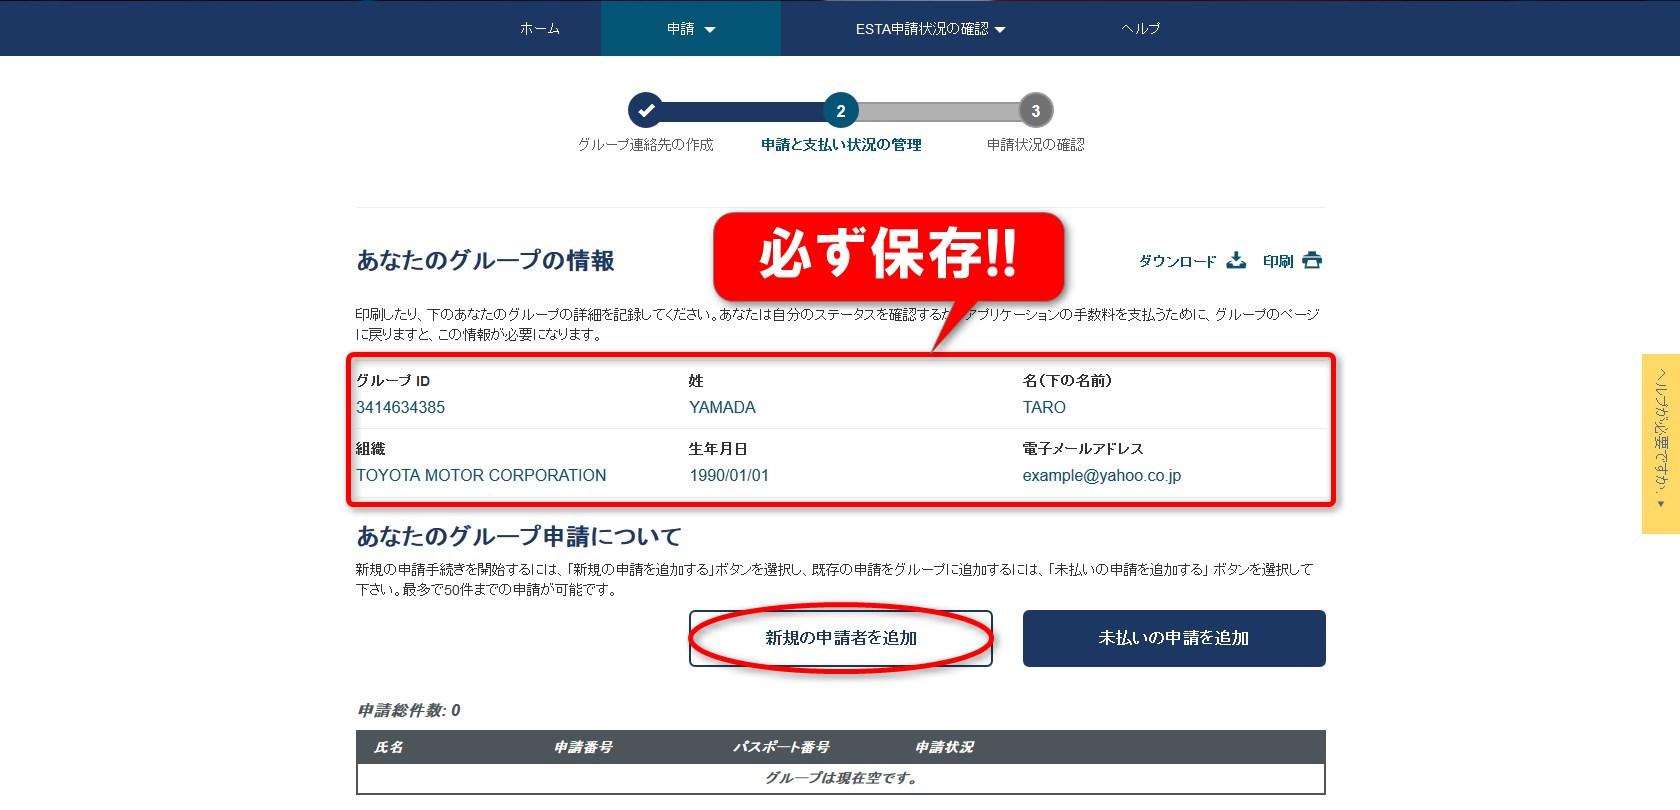 申請者の情報入力例02